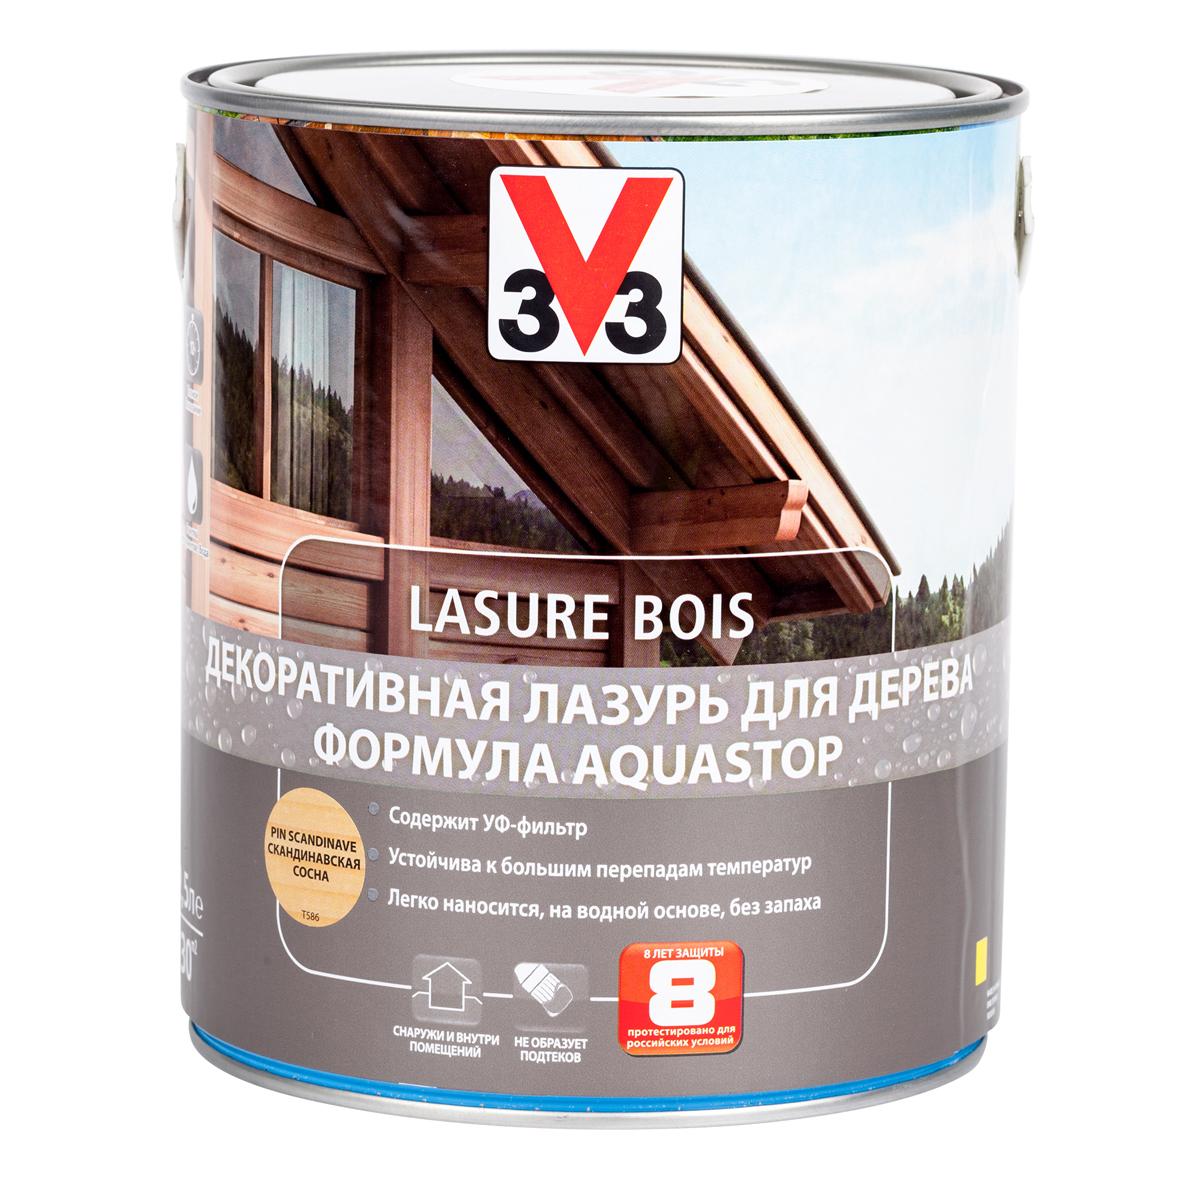 """Лазурь для дерева декоративная V33 """"Aquastop"""", цвет: скандинавская сосна, на водной основе, 2,5 л 107833"""